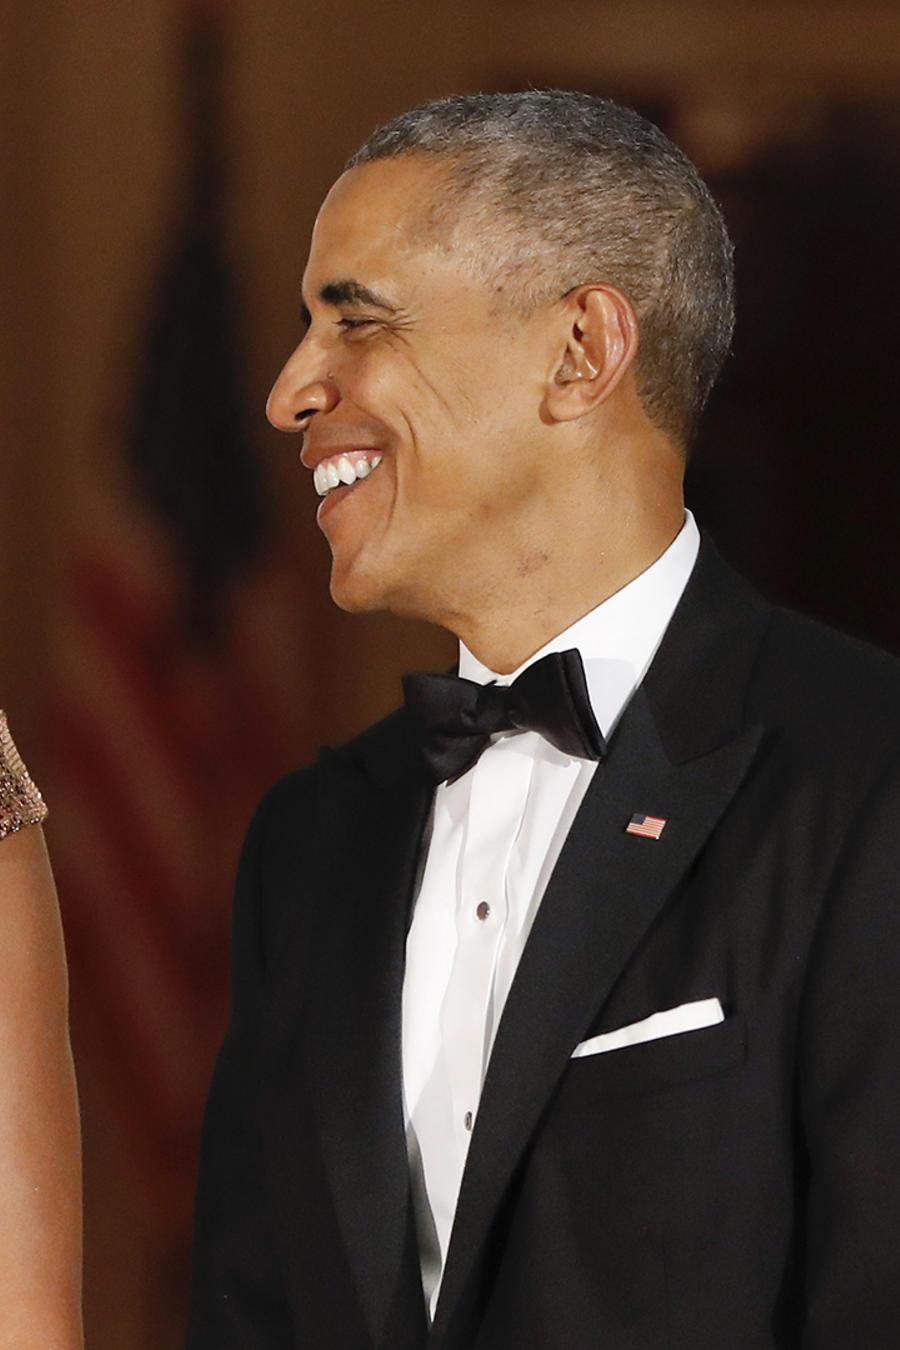 Los Obama son considerados una pareja con buen estilo al vestir.